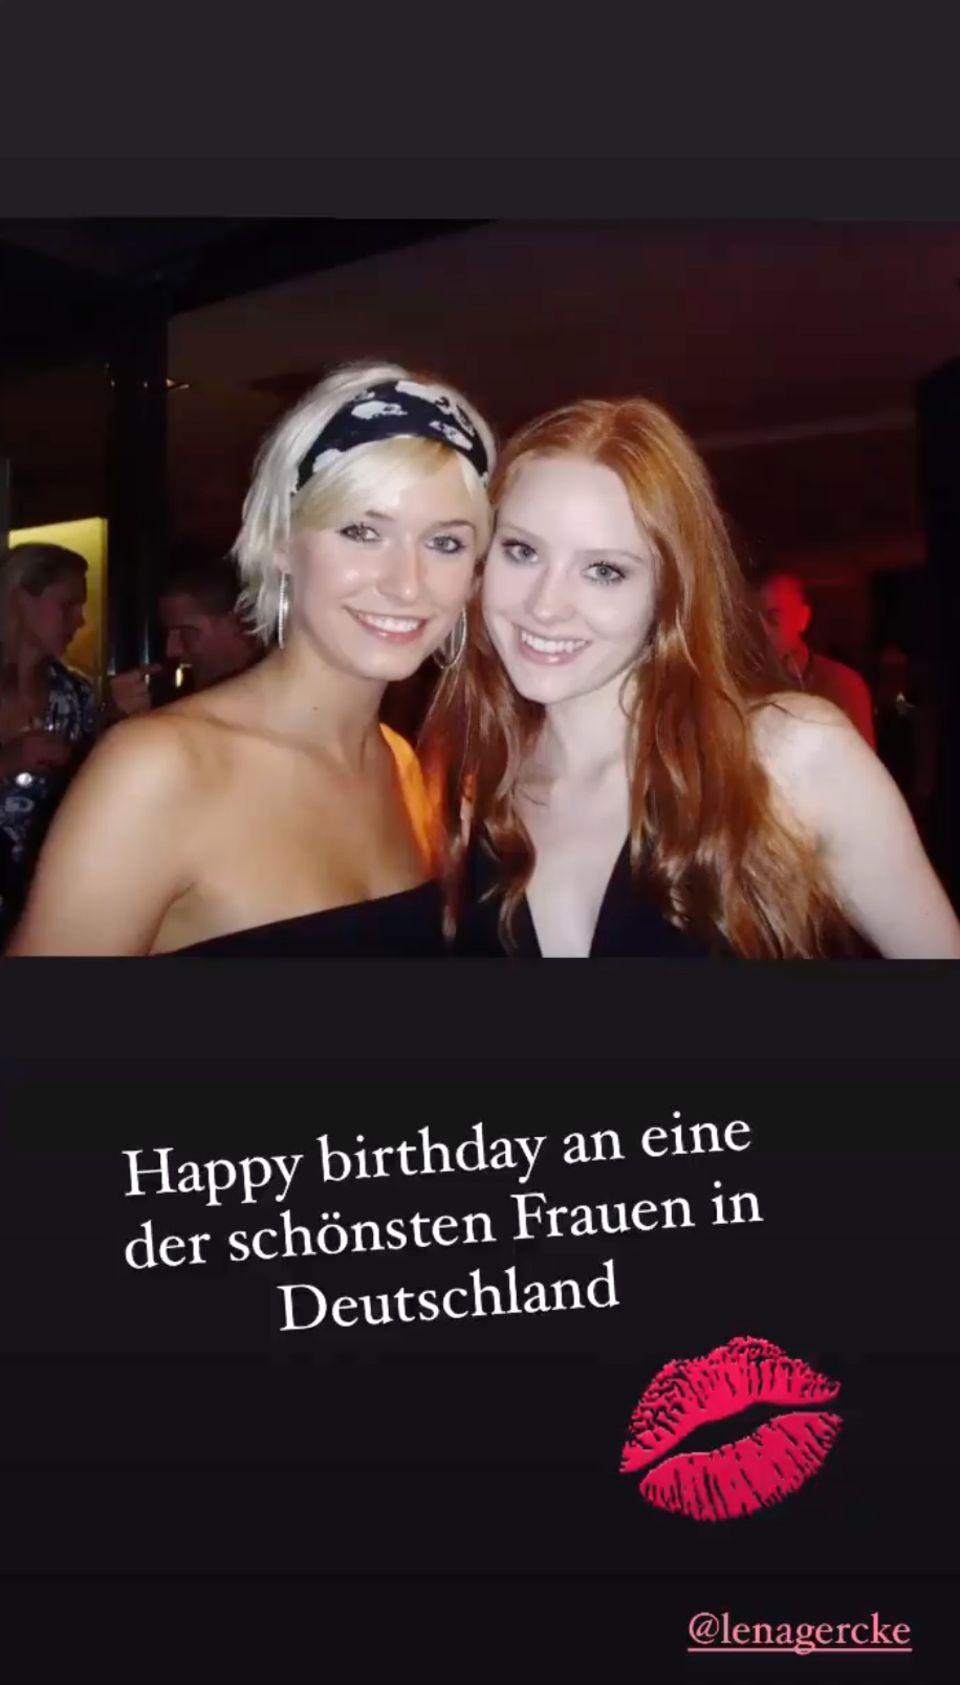 Barbara Meier gratuliert Lena Gercke mit diesem süßen Throwback-Foto zum Geburtstag.